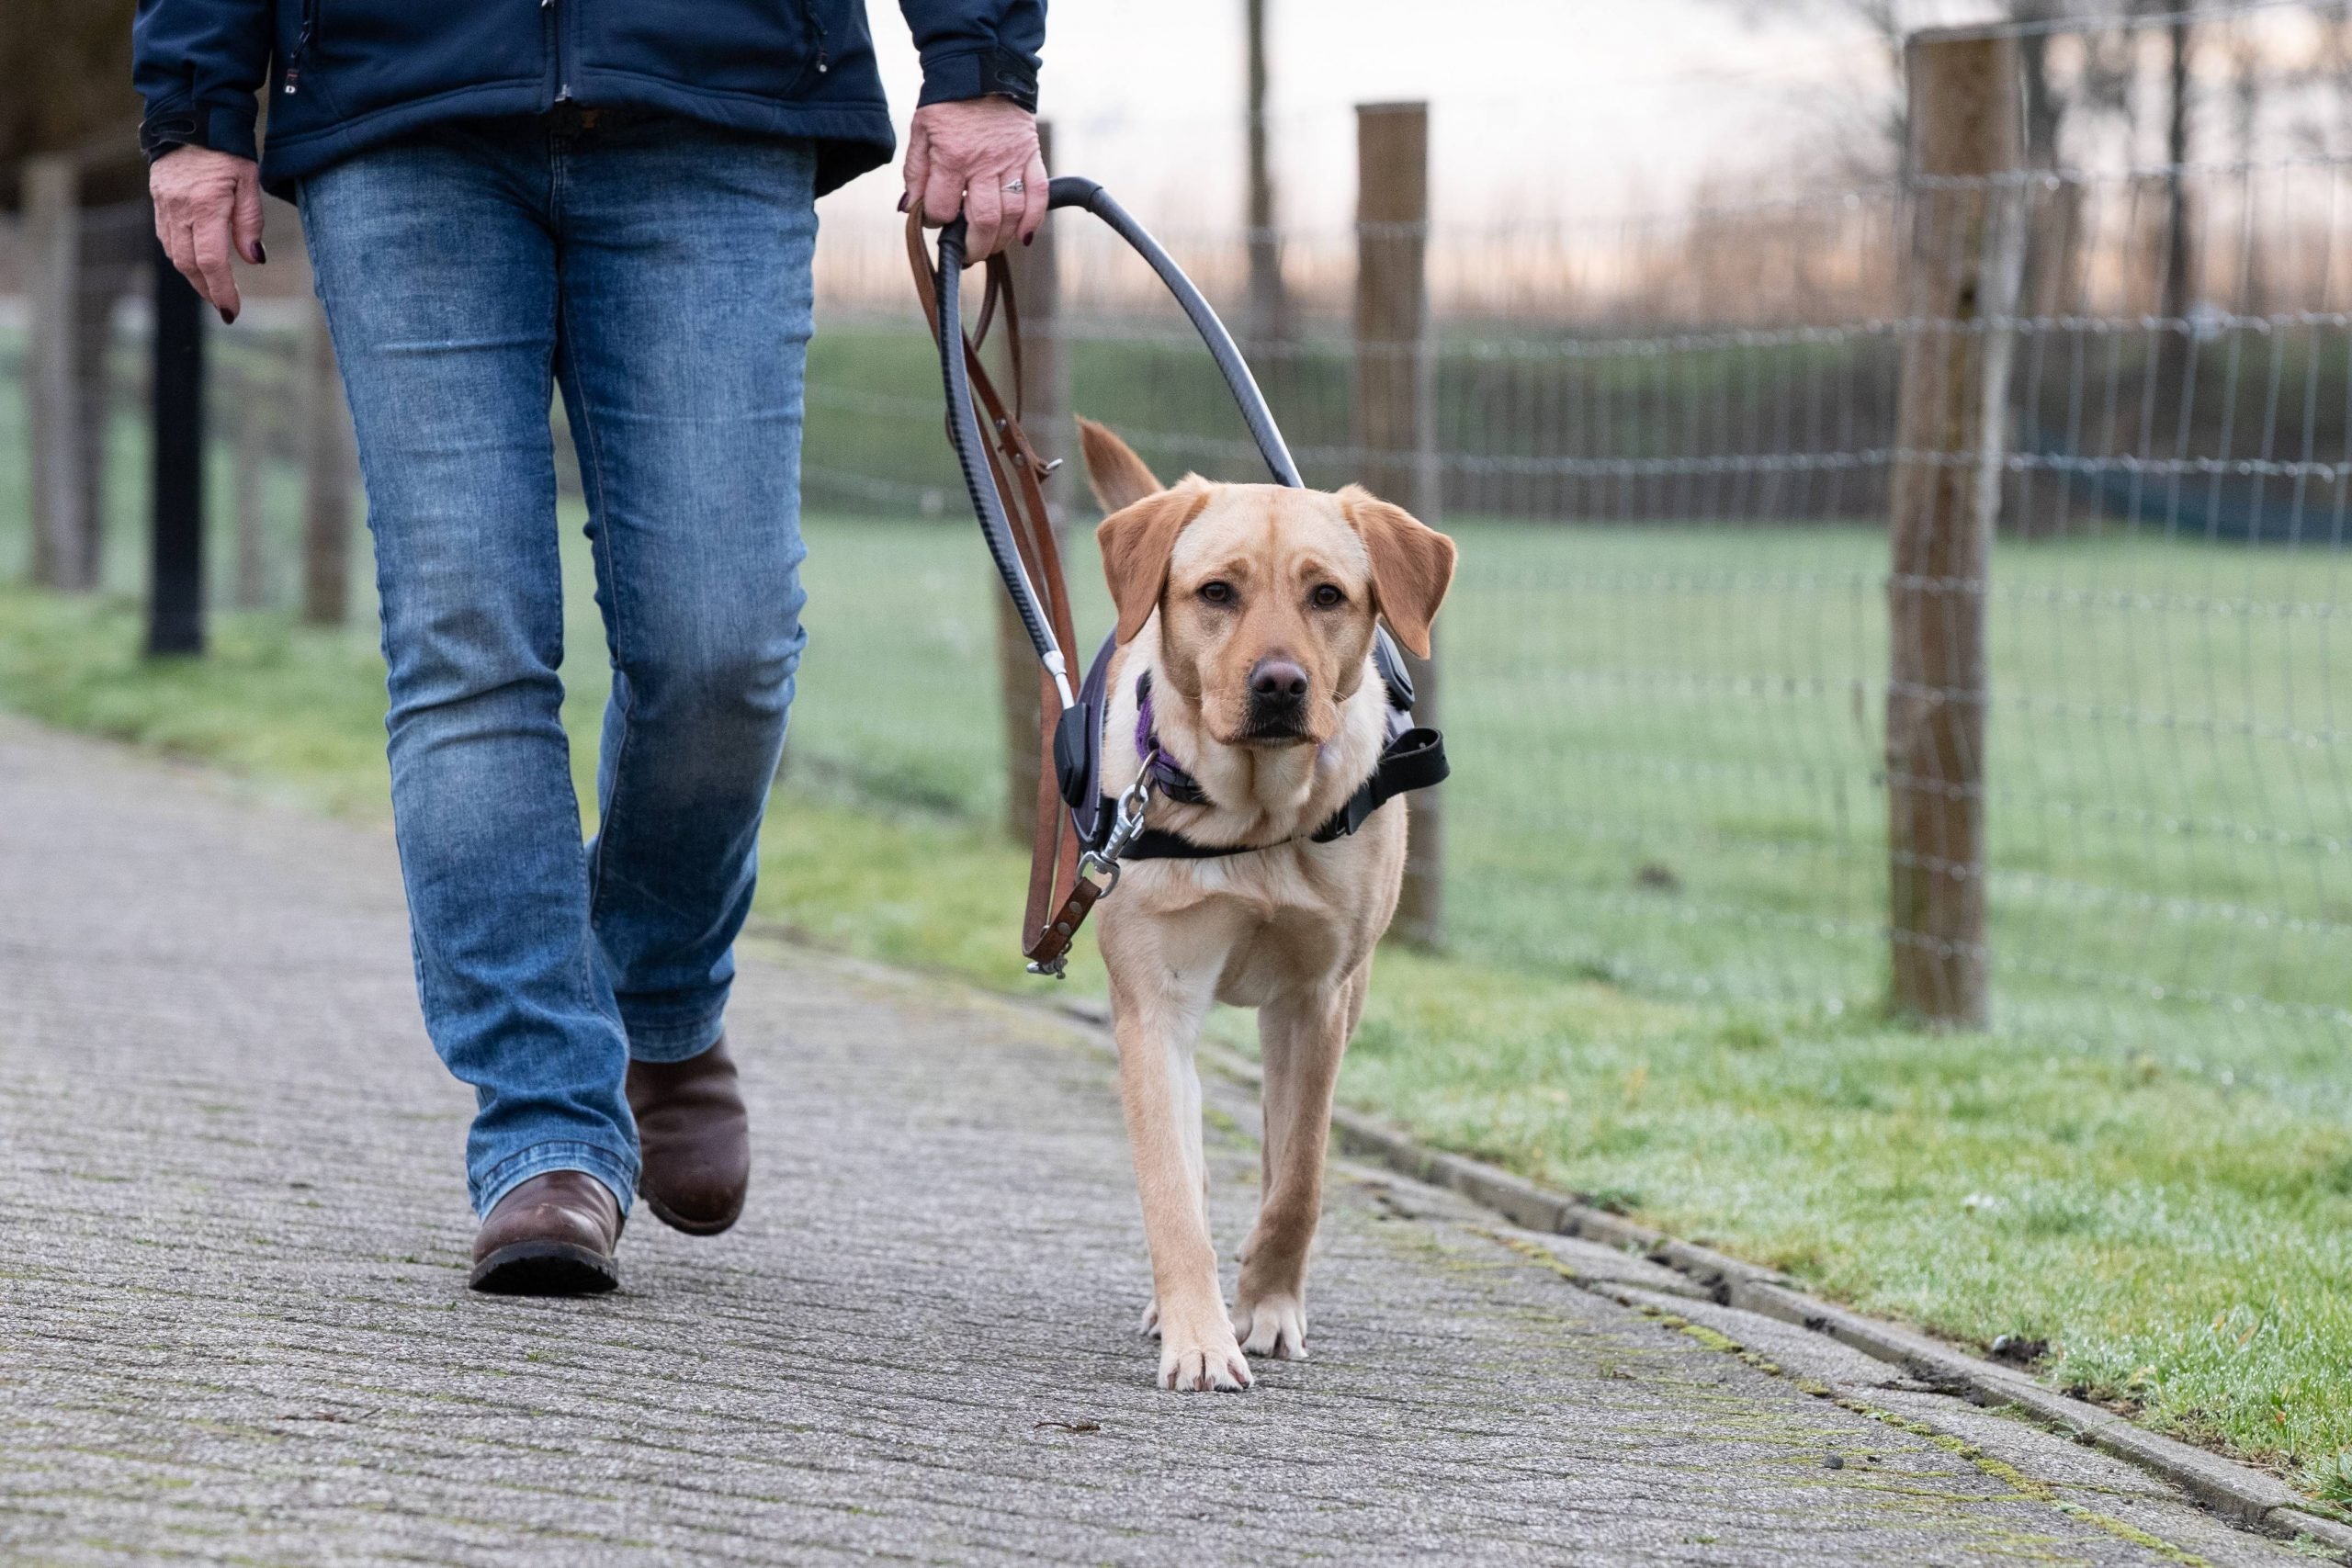 'Mijn hond brengt me veilig naar elke nieuwe plek'